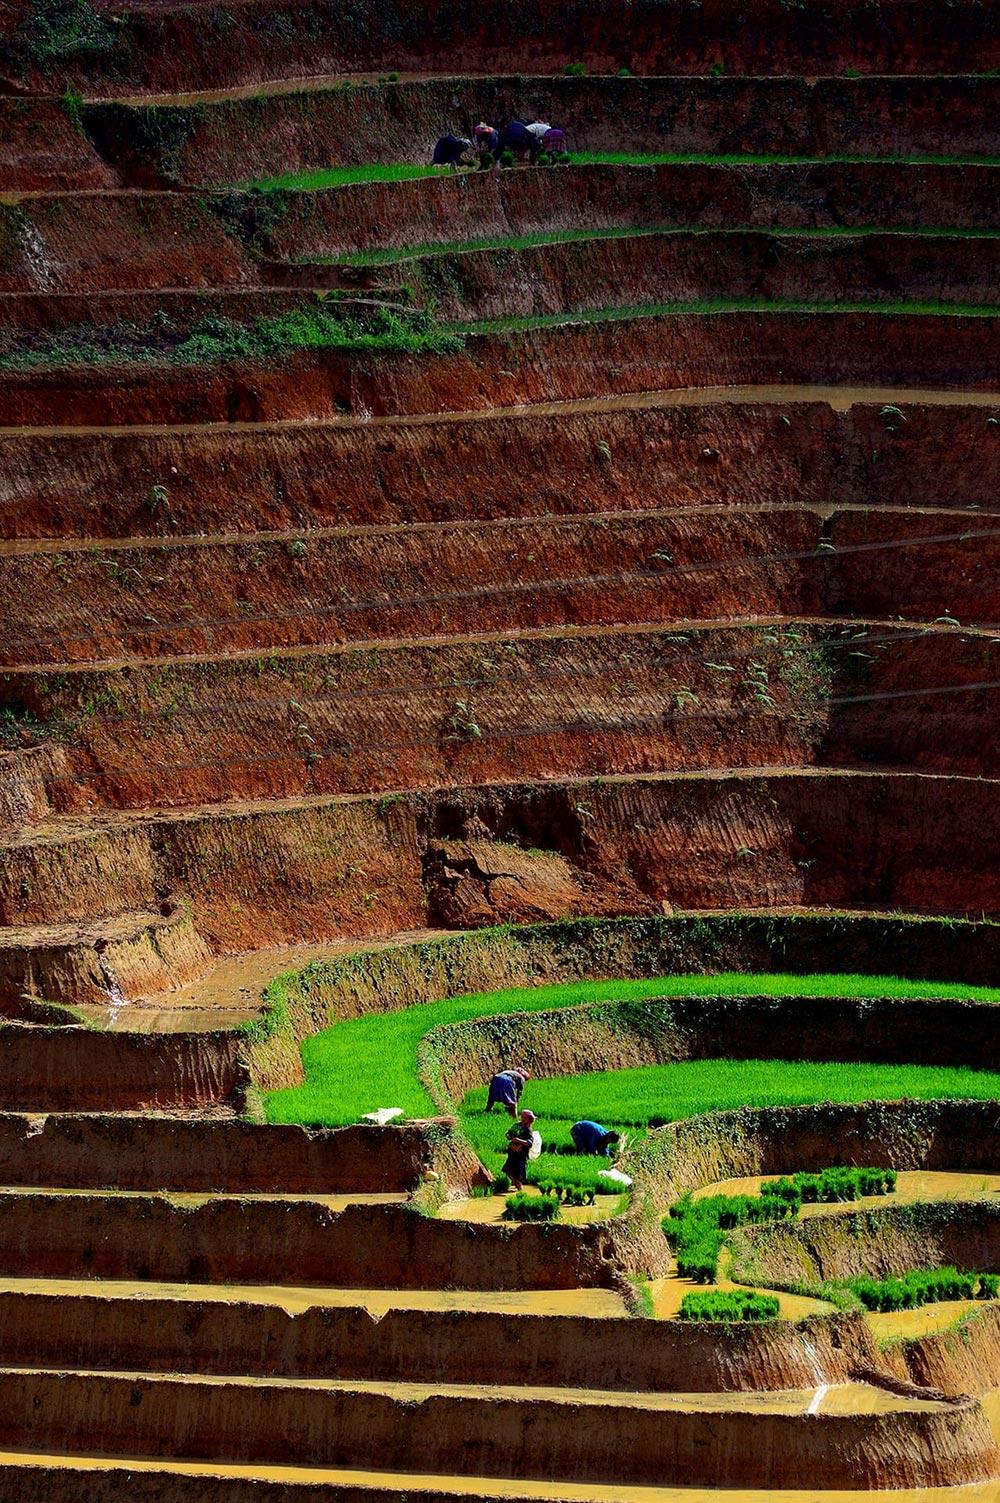 Шорт-лист фотоконкурса Фото земли Earth Photo 2018 Террасное поле Ли Хоан Лонг